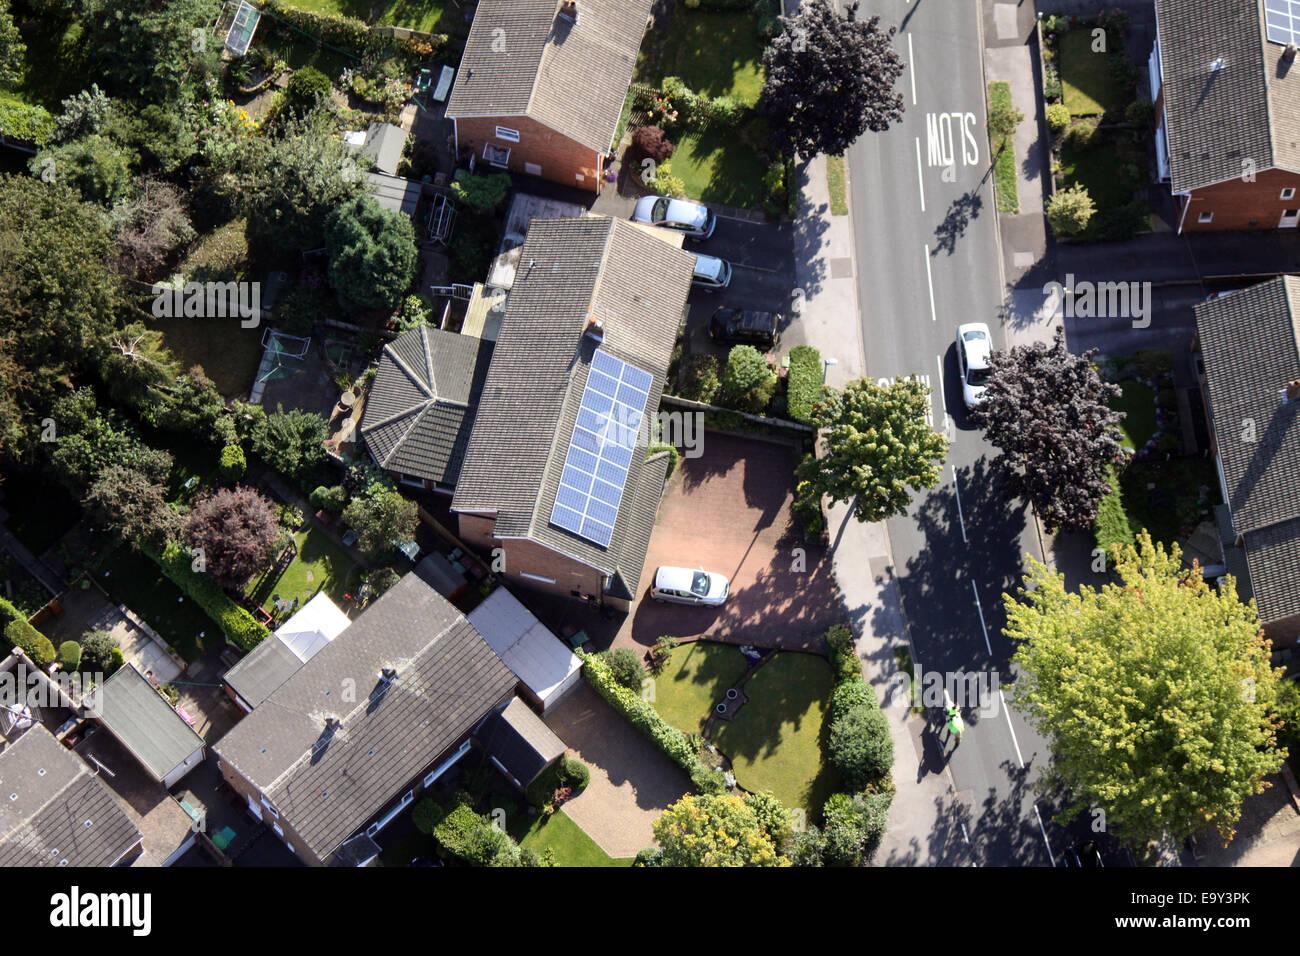 Vista aérea de una cámara interna con paneles solares en el techo, REINO UNIDO Imagen De Stock